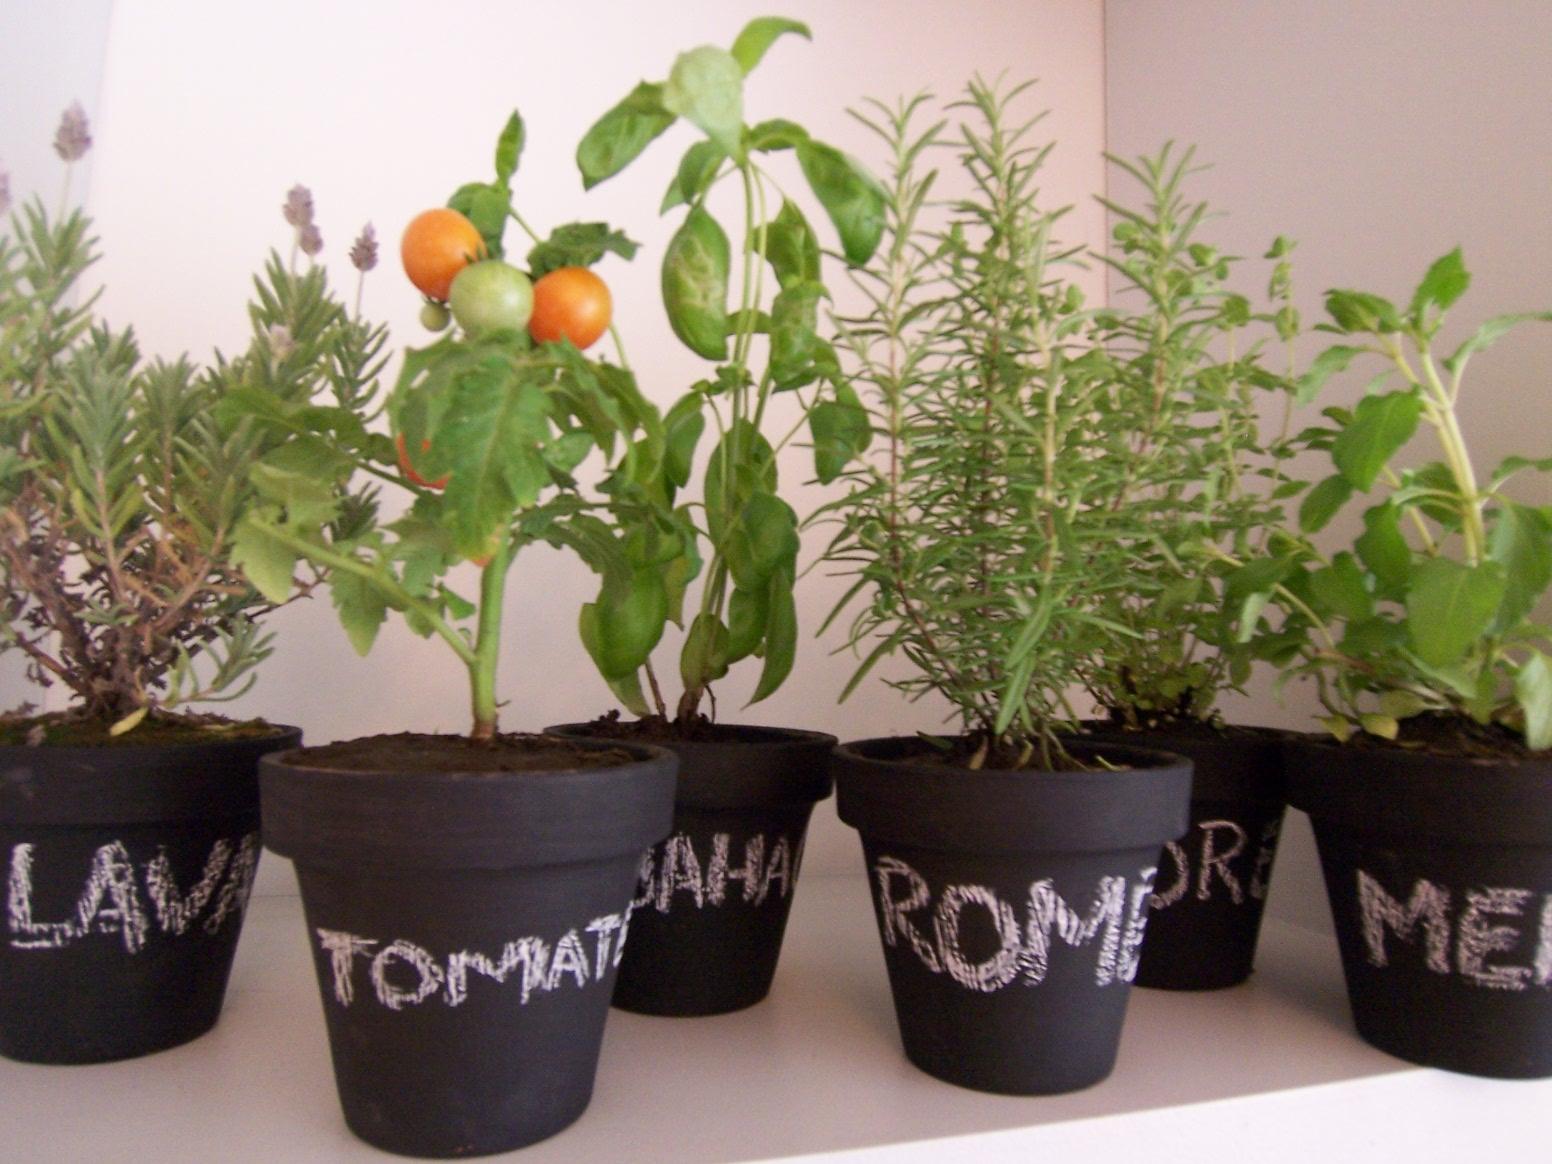 Anikaflor huertas urbanas for Plantas beneficiosas para el huerto